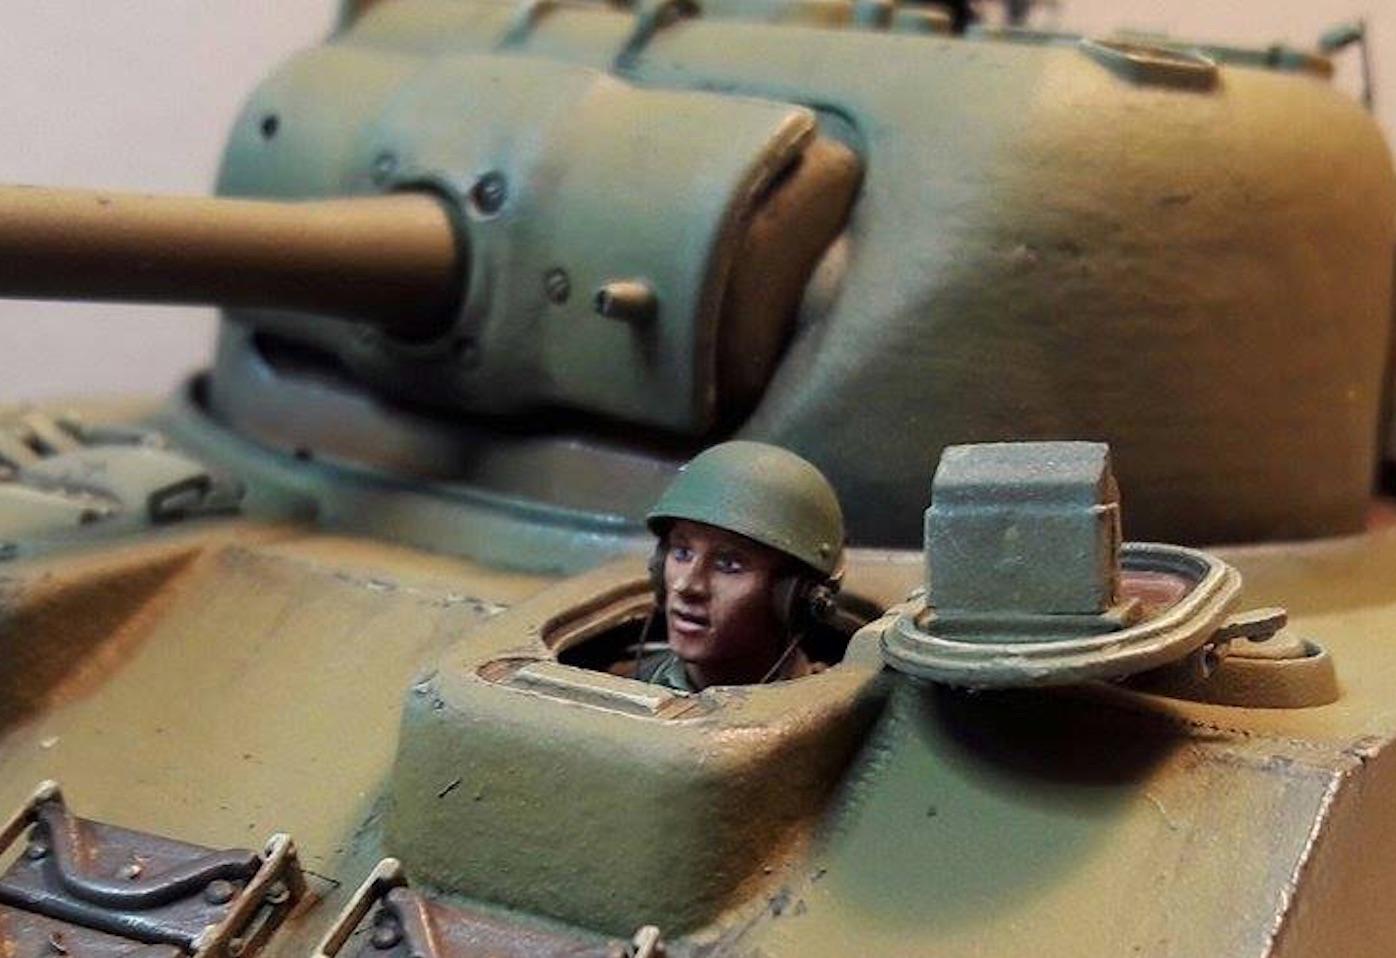 Sherman Vc Firefly - 1/35ème - kit Dragon #6031 Sherman Vc 'Firefly' - Page 2 919149HeadInPlace